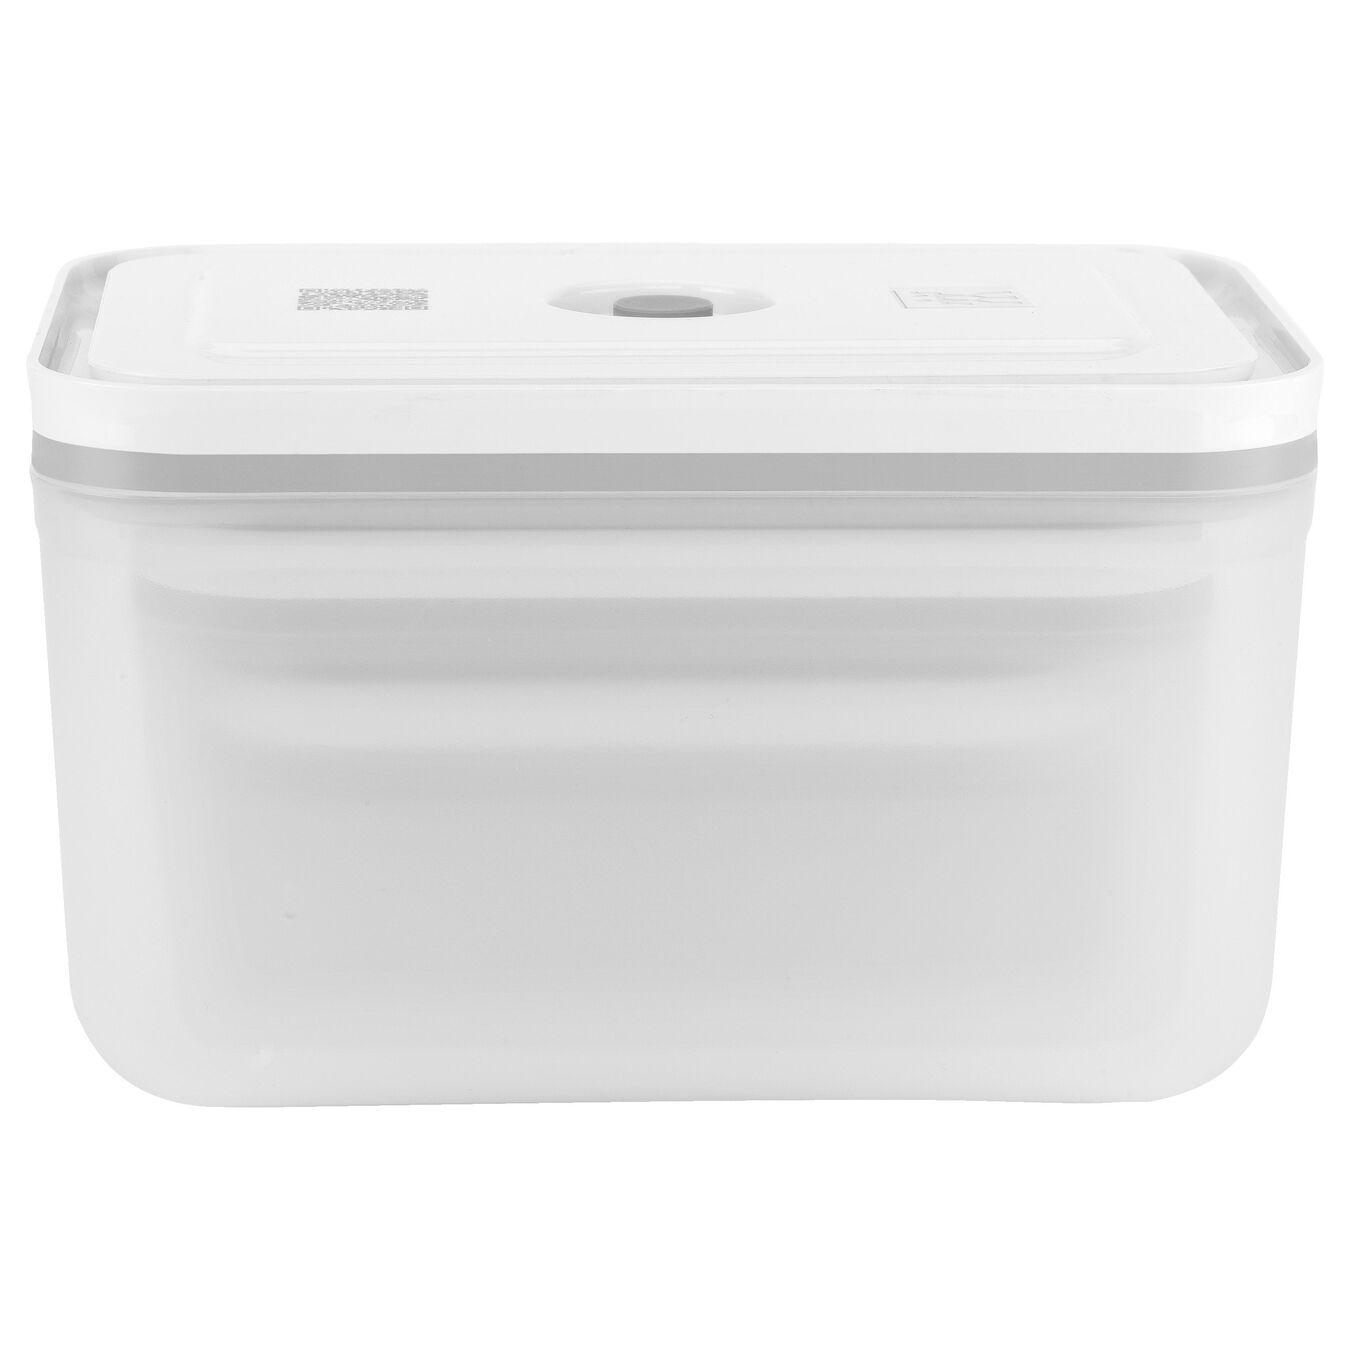 Ensemble de boîtes sous vide, S/M/L / 3-pcs, Plastique, Blanc,,large 2